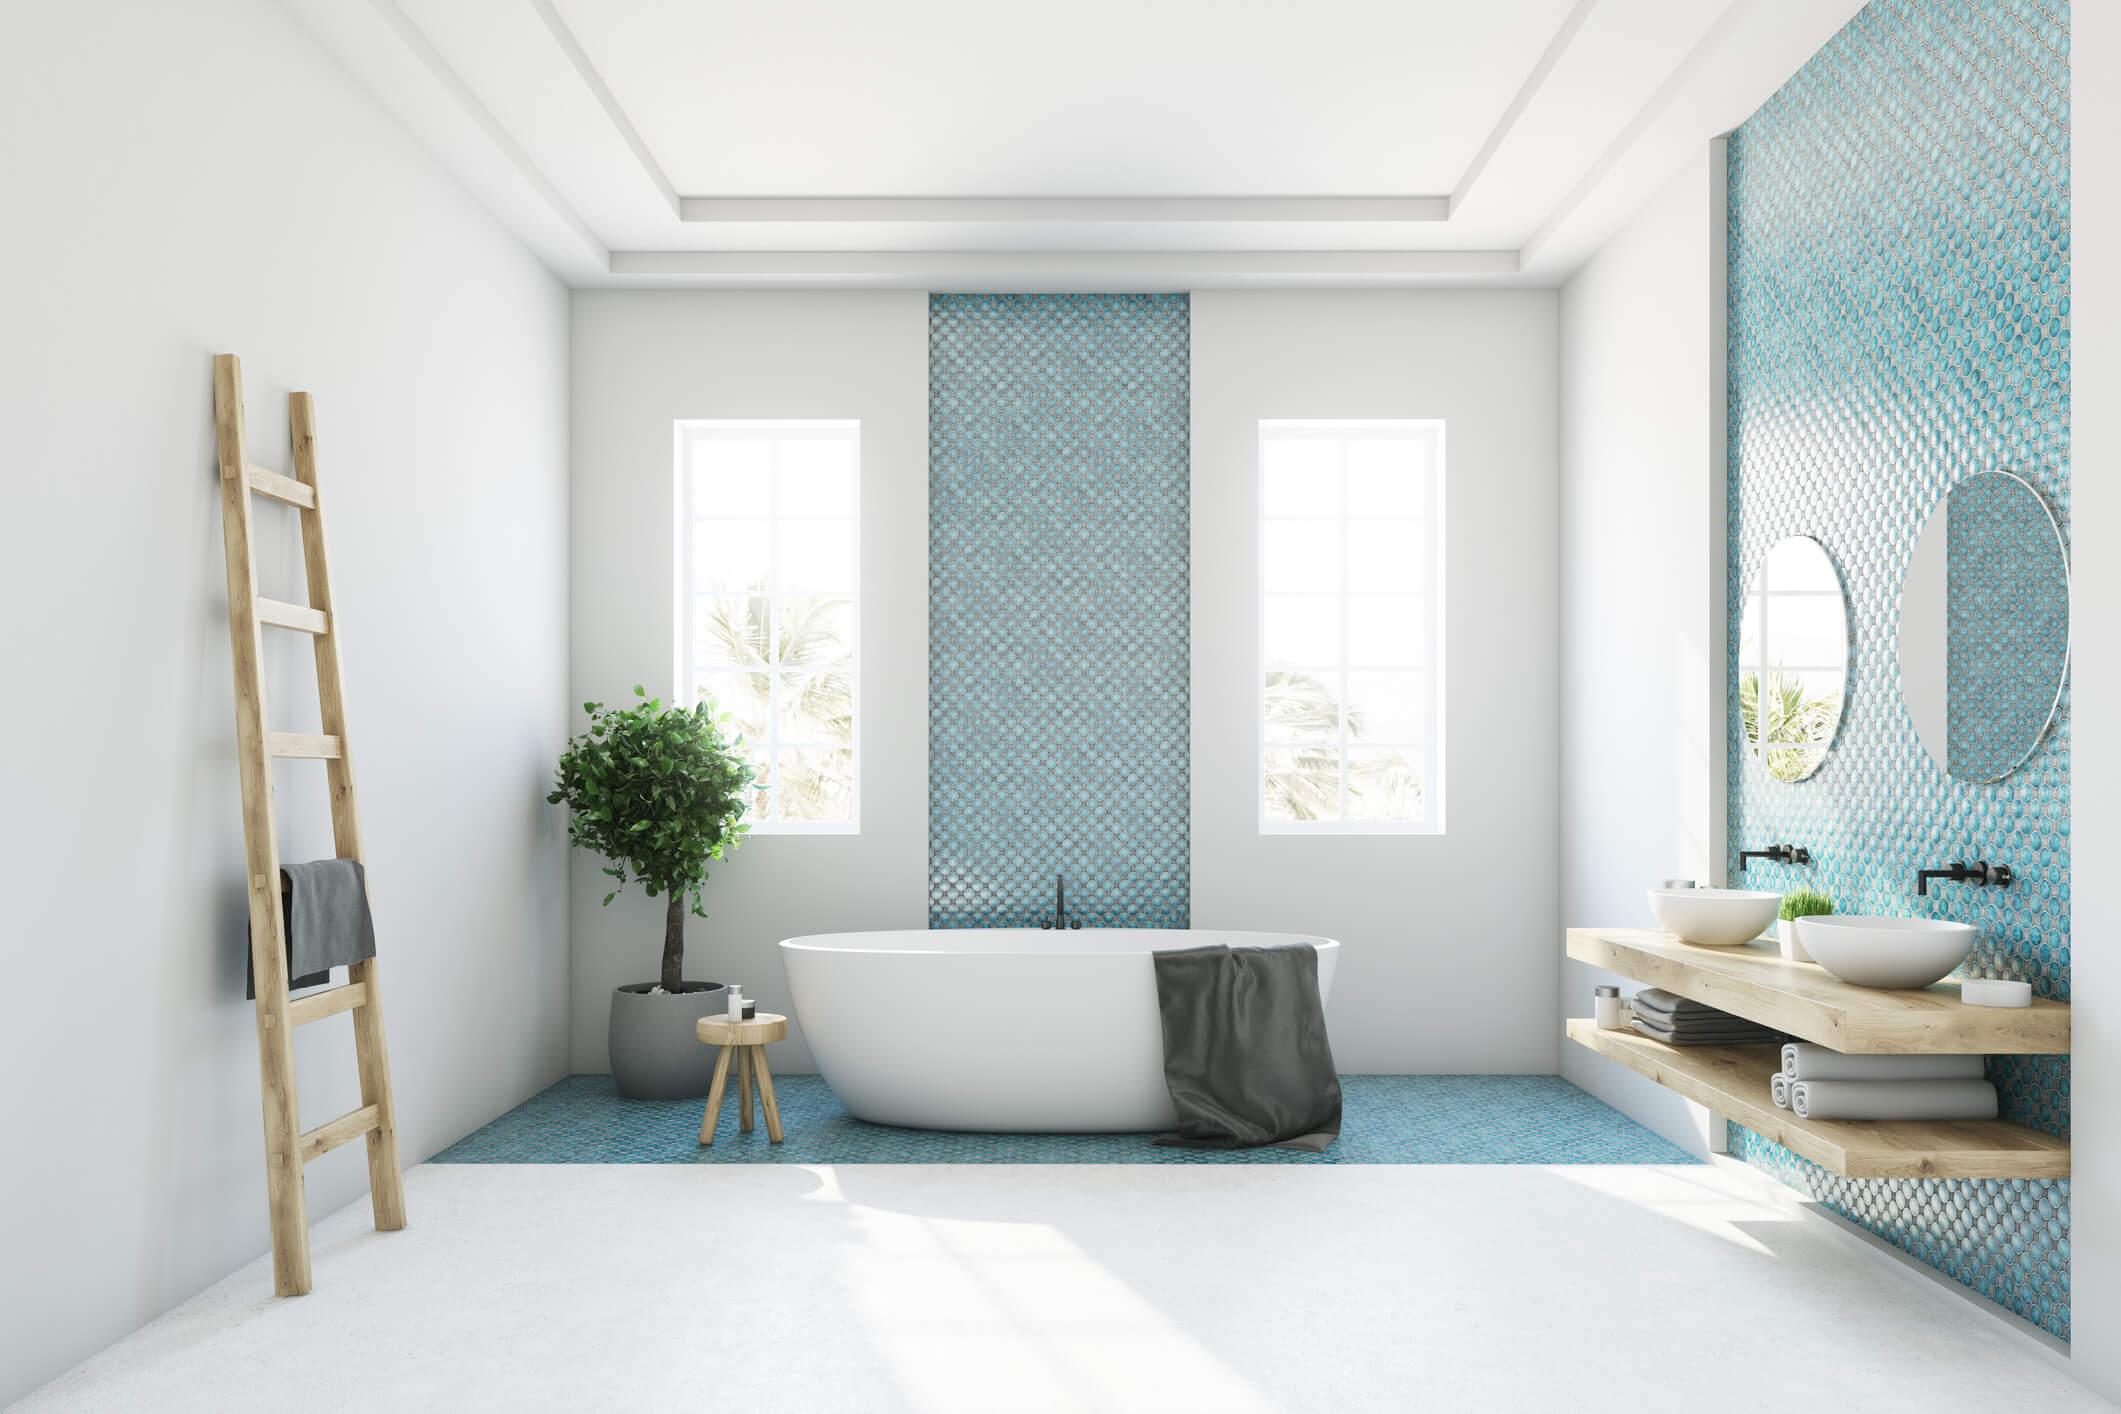 Reforma de banheiro: 3 dicas para fazer sem muita bagunça!